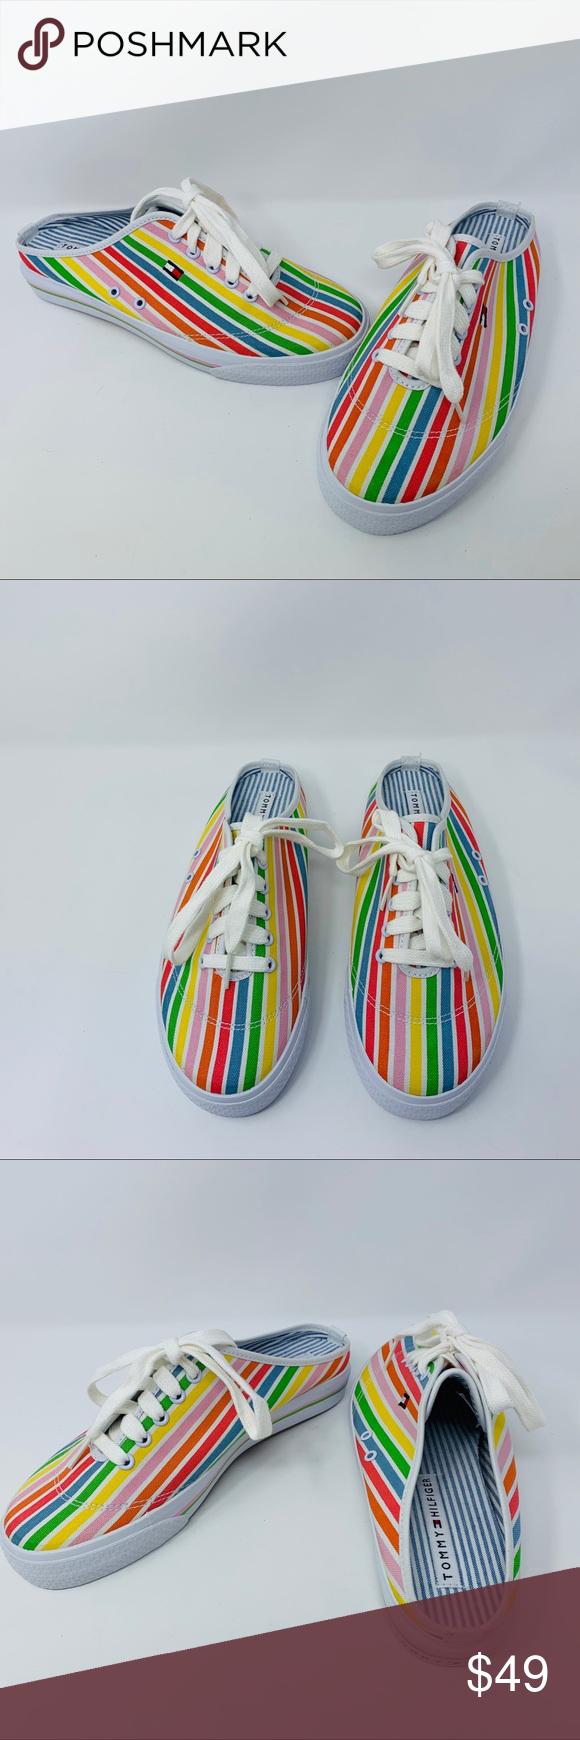 bc4cffc4f1da Tommy Hilfiger Women Slide On Sneakers Rainbow 8.5 Tommy Hilfiger Slide On  Mules Sneakers Slides Multicolor Stripes Size 8 1 2 Shoes - Brand New Tommy  ...